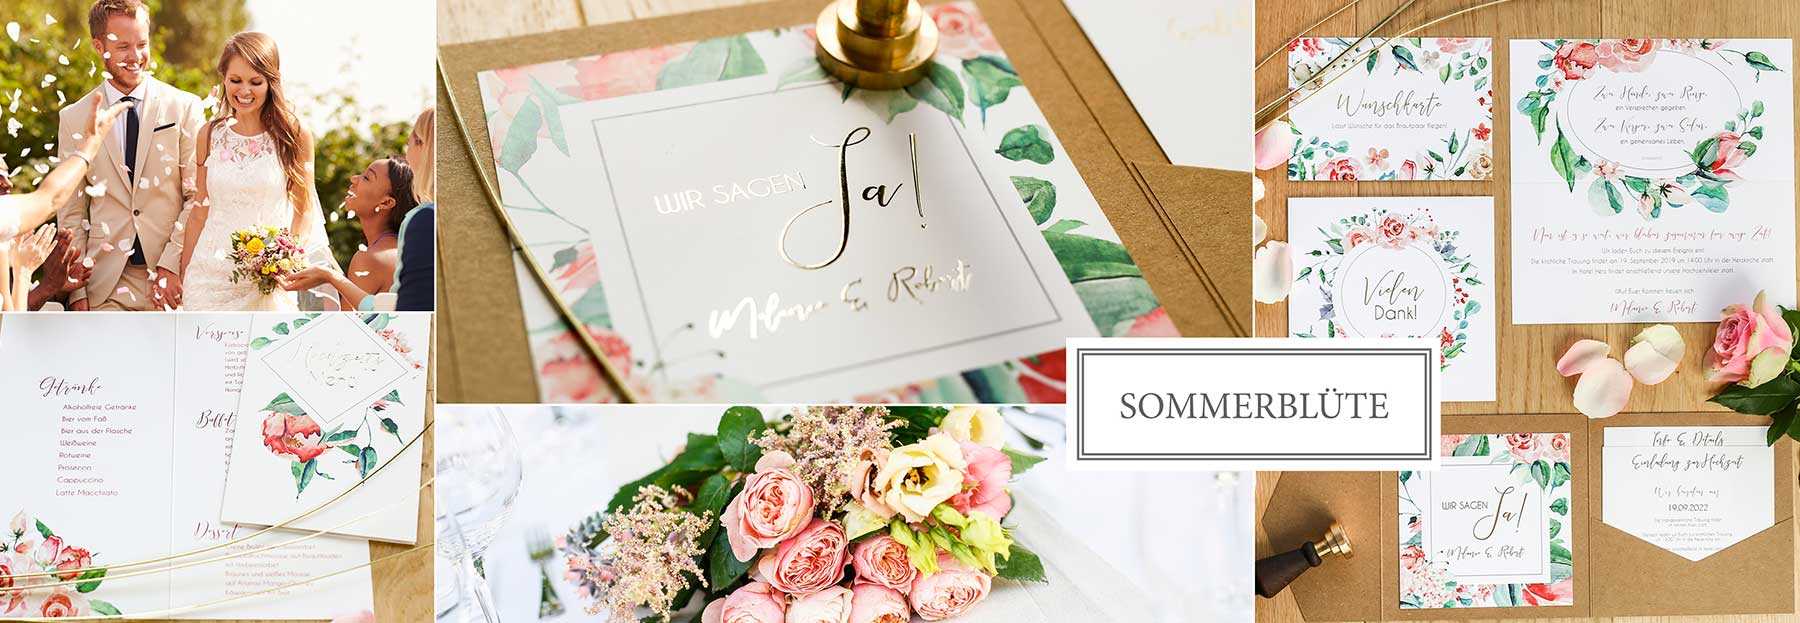 Hochzeitskarten mit handgemalten Blumen und Folienveredelung in Roségold